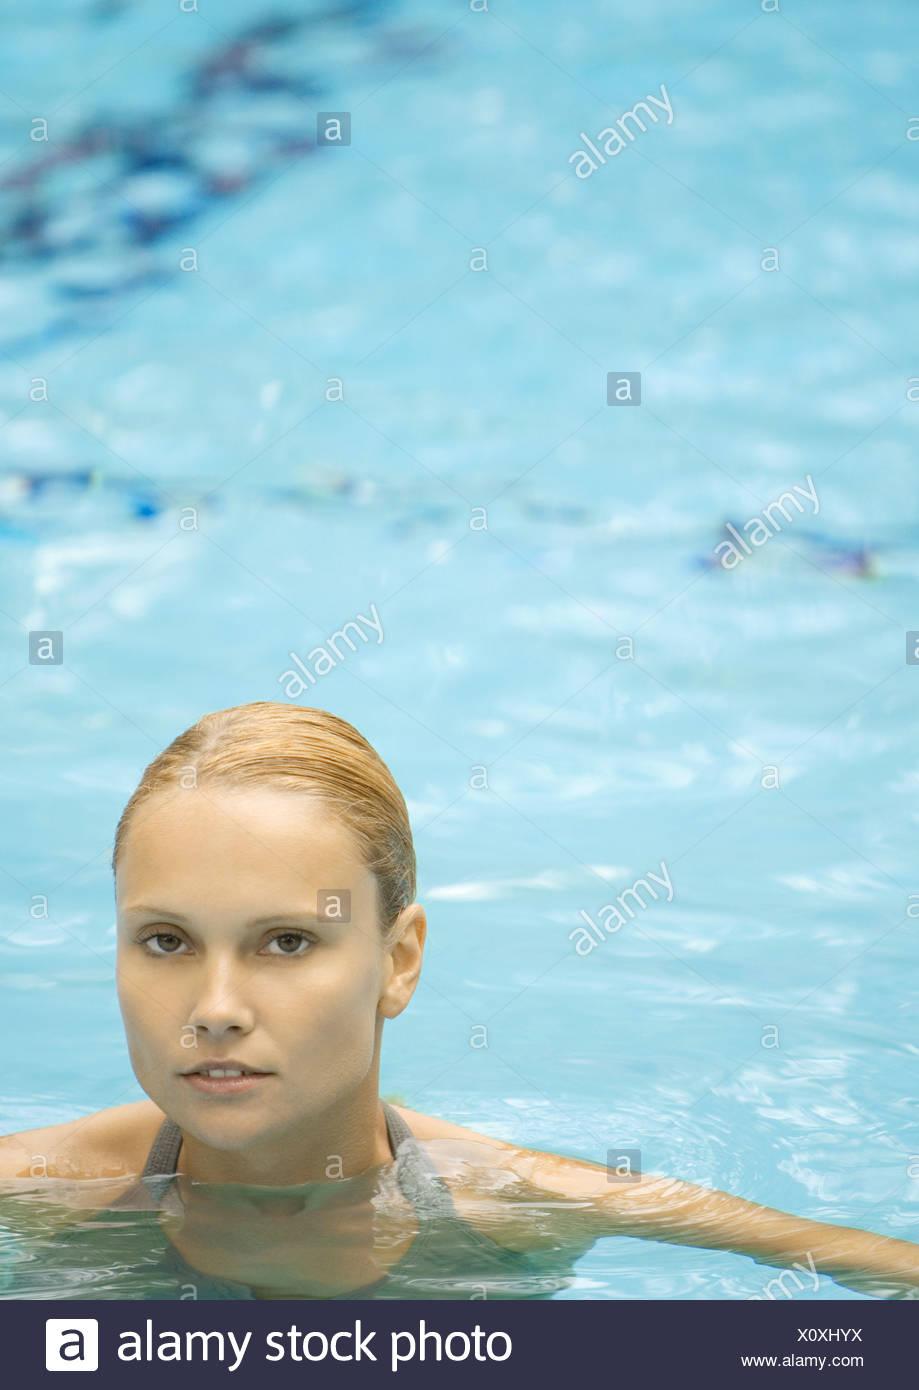 Frau im Pool, Blick in die Kamera Stockbild